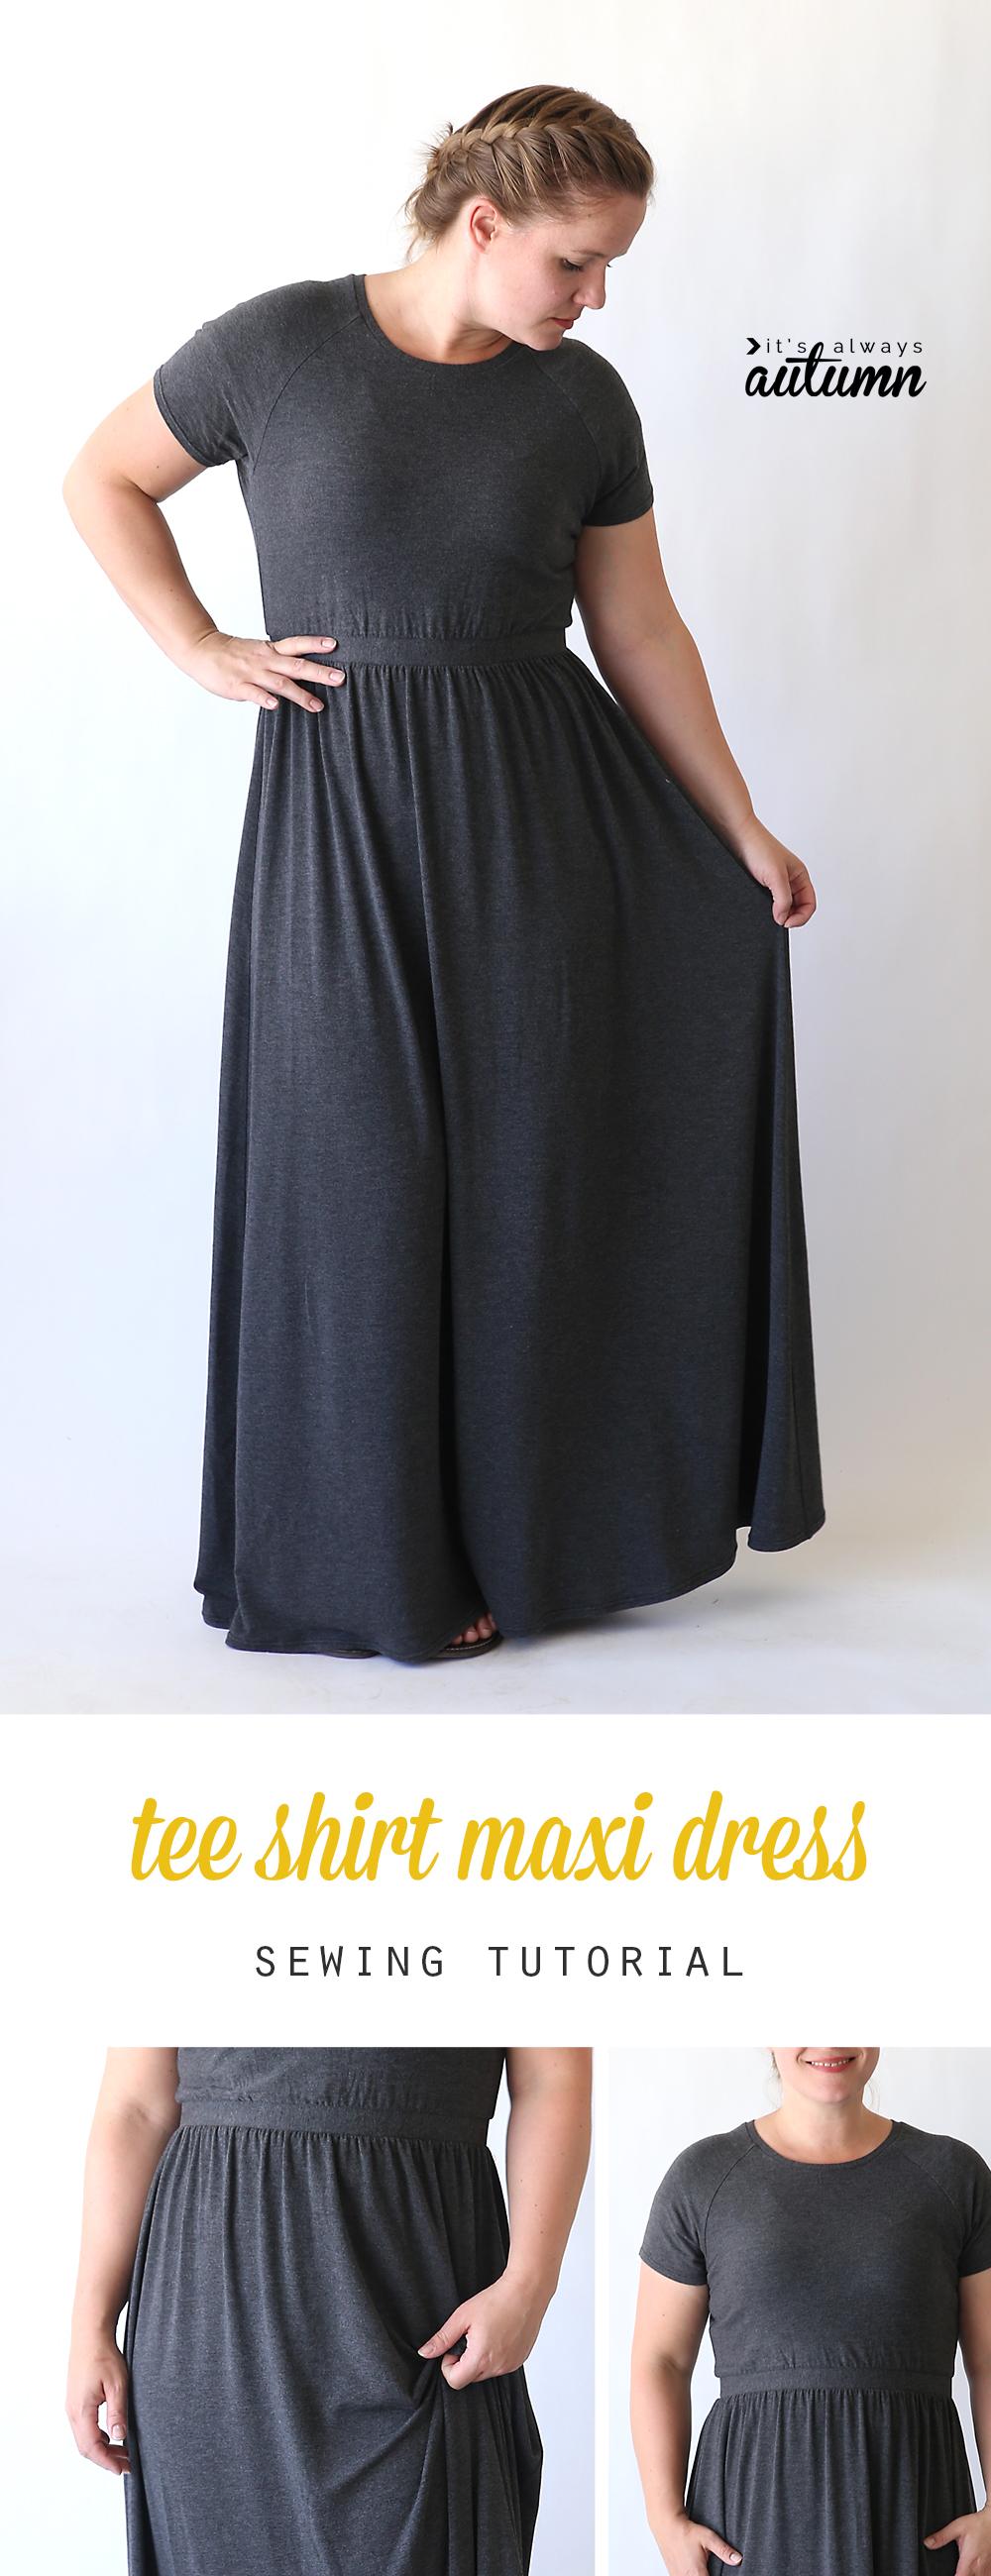 Woman wearing t-shirt maxi dress